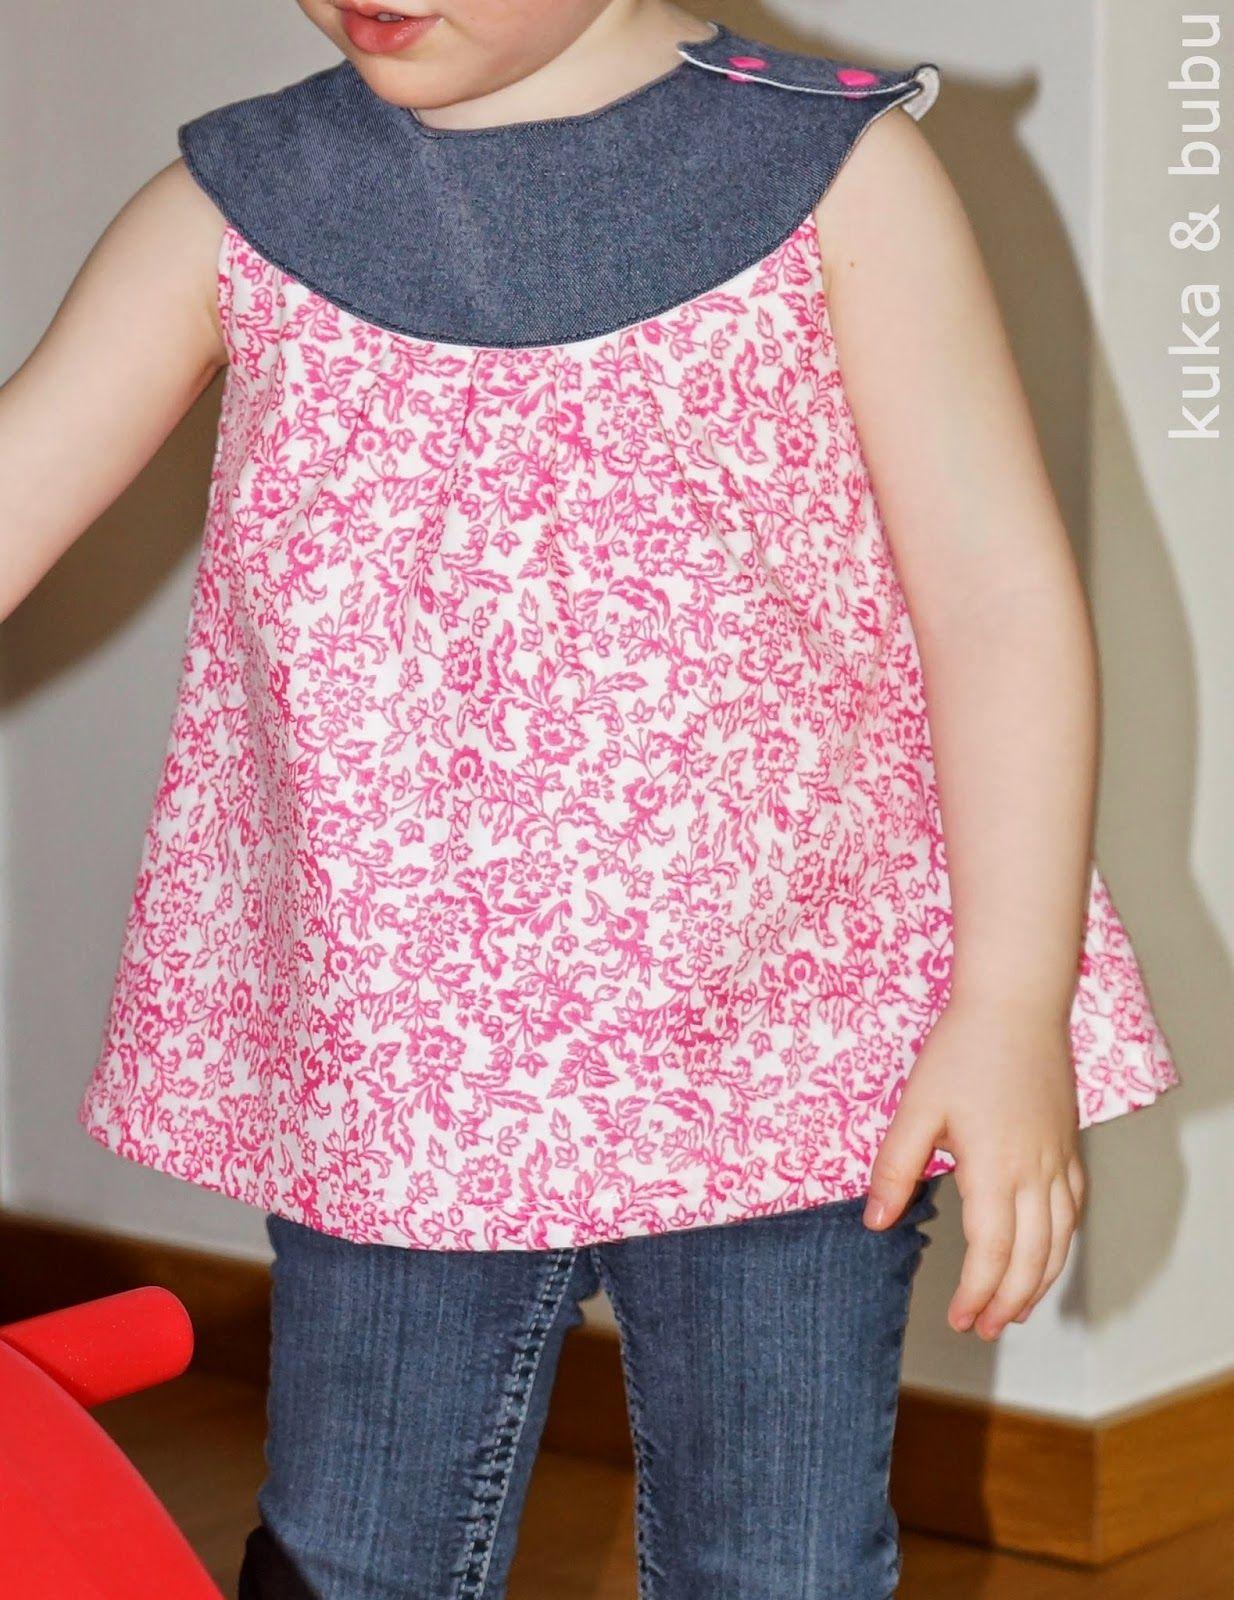 Black bird tunic free pattern by shwin sewing pinterest black bird tunic free pattern by shwin sewing blogsonionfree jeuxipadfo Choice Image